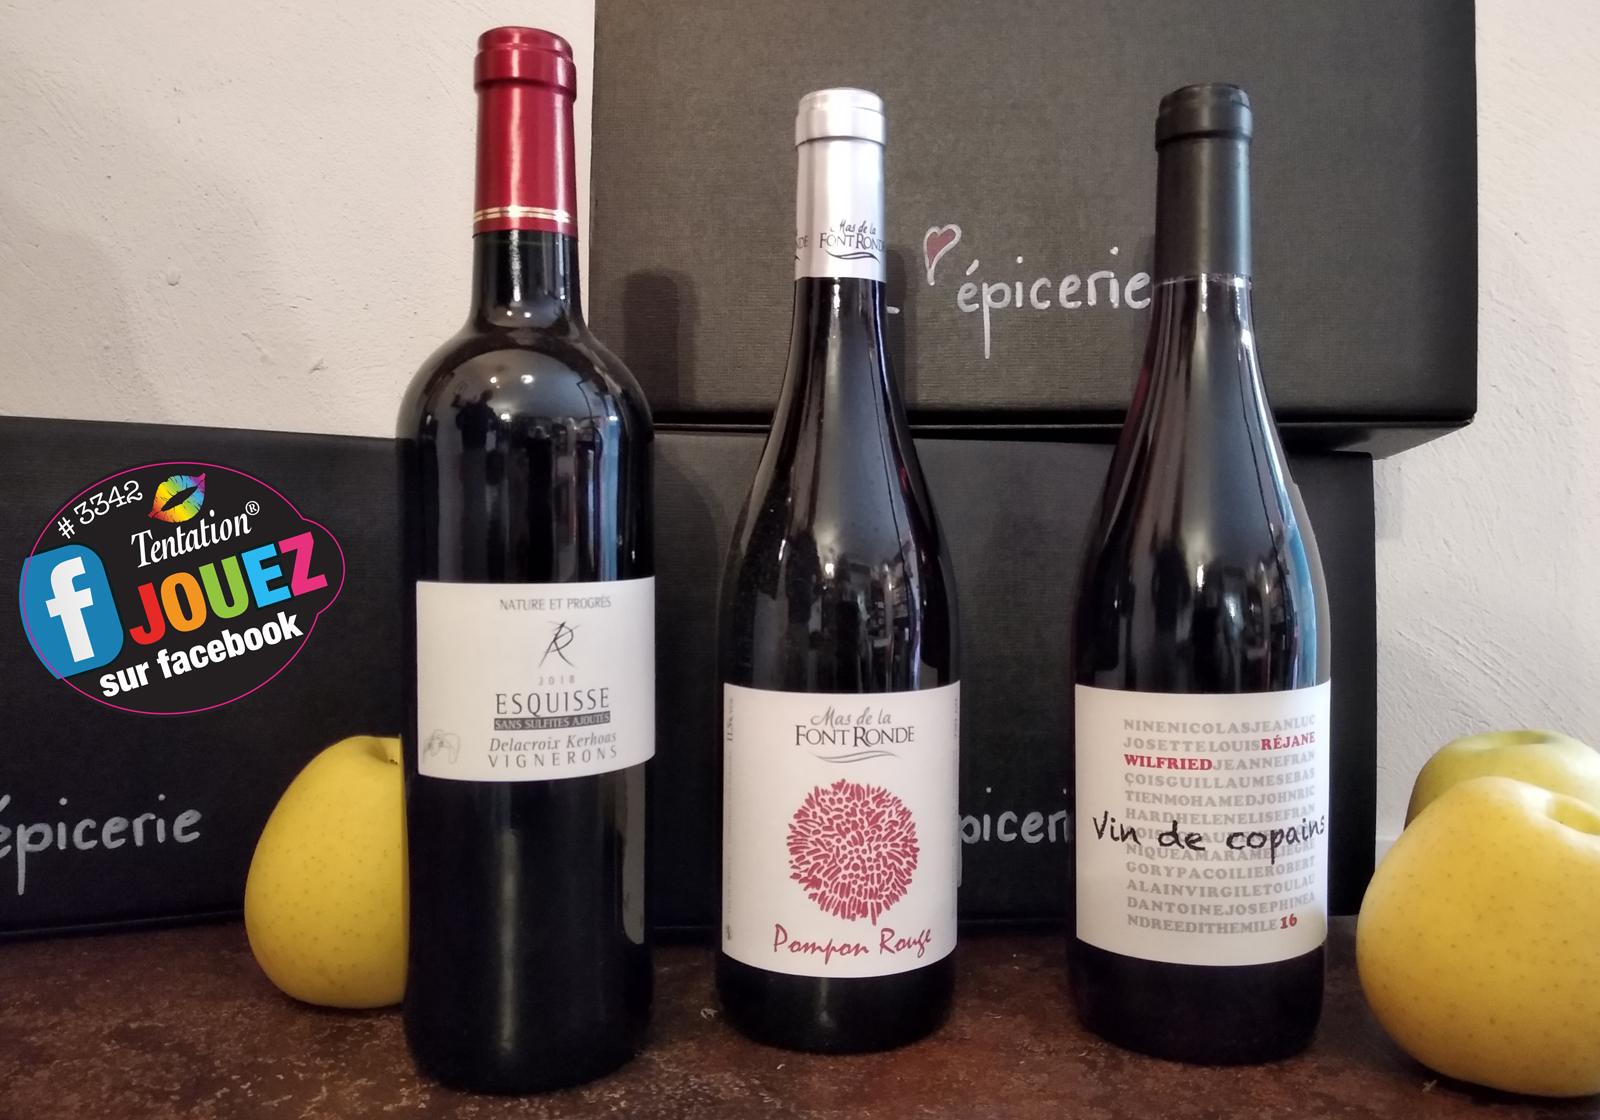 banniere-vins-bio-jeu-pomme-tentation-nouvelle-recolte-epicerie-nimes